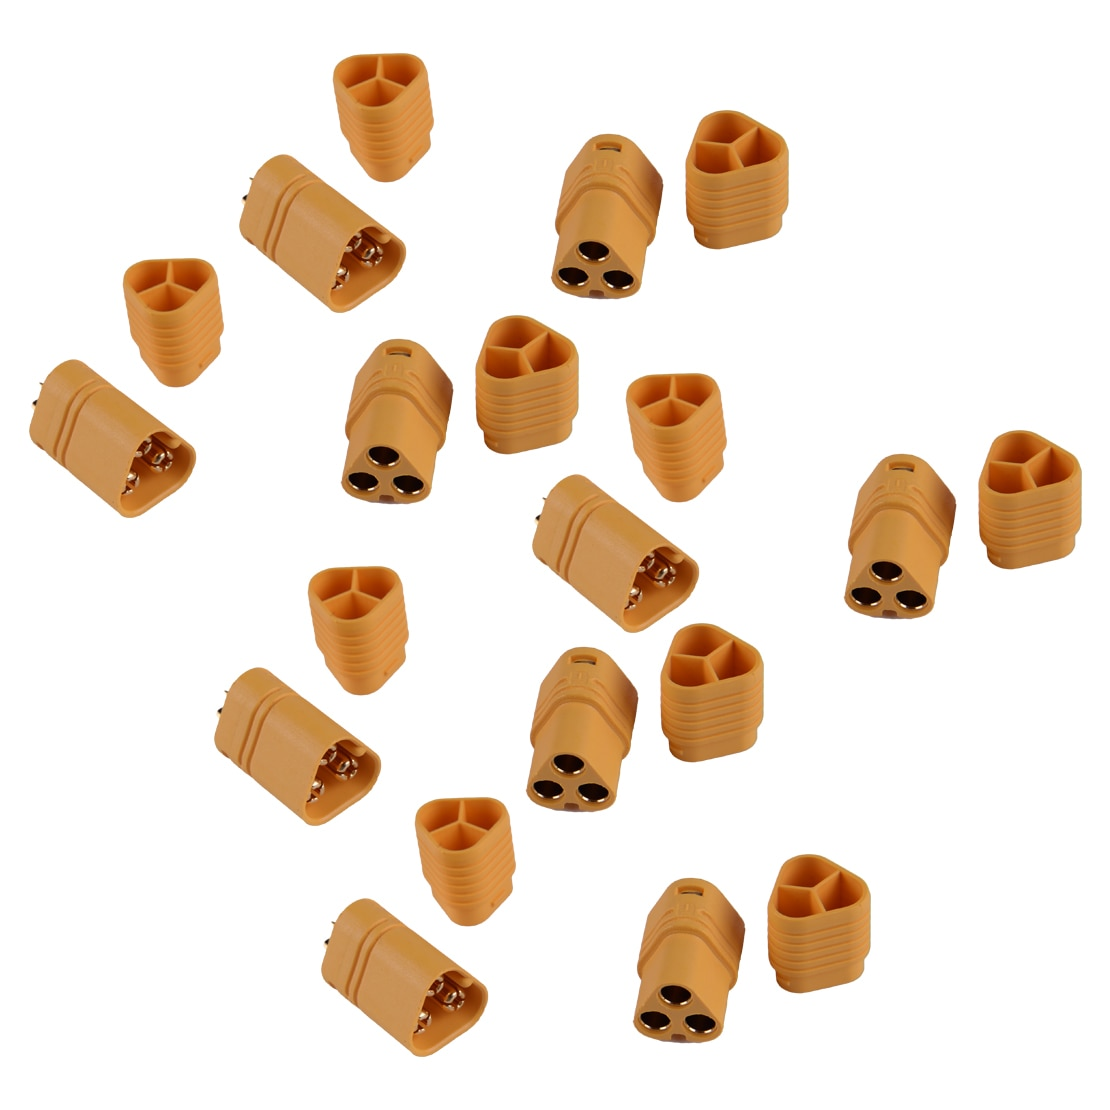 Amarillo, 5 pares, macho y hembra de 3,5mm, conectores tipo bala, conector de 3 polos para modelo RC, accesorios ESC, MT60 MT-60 60AMP